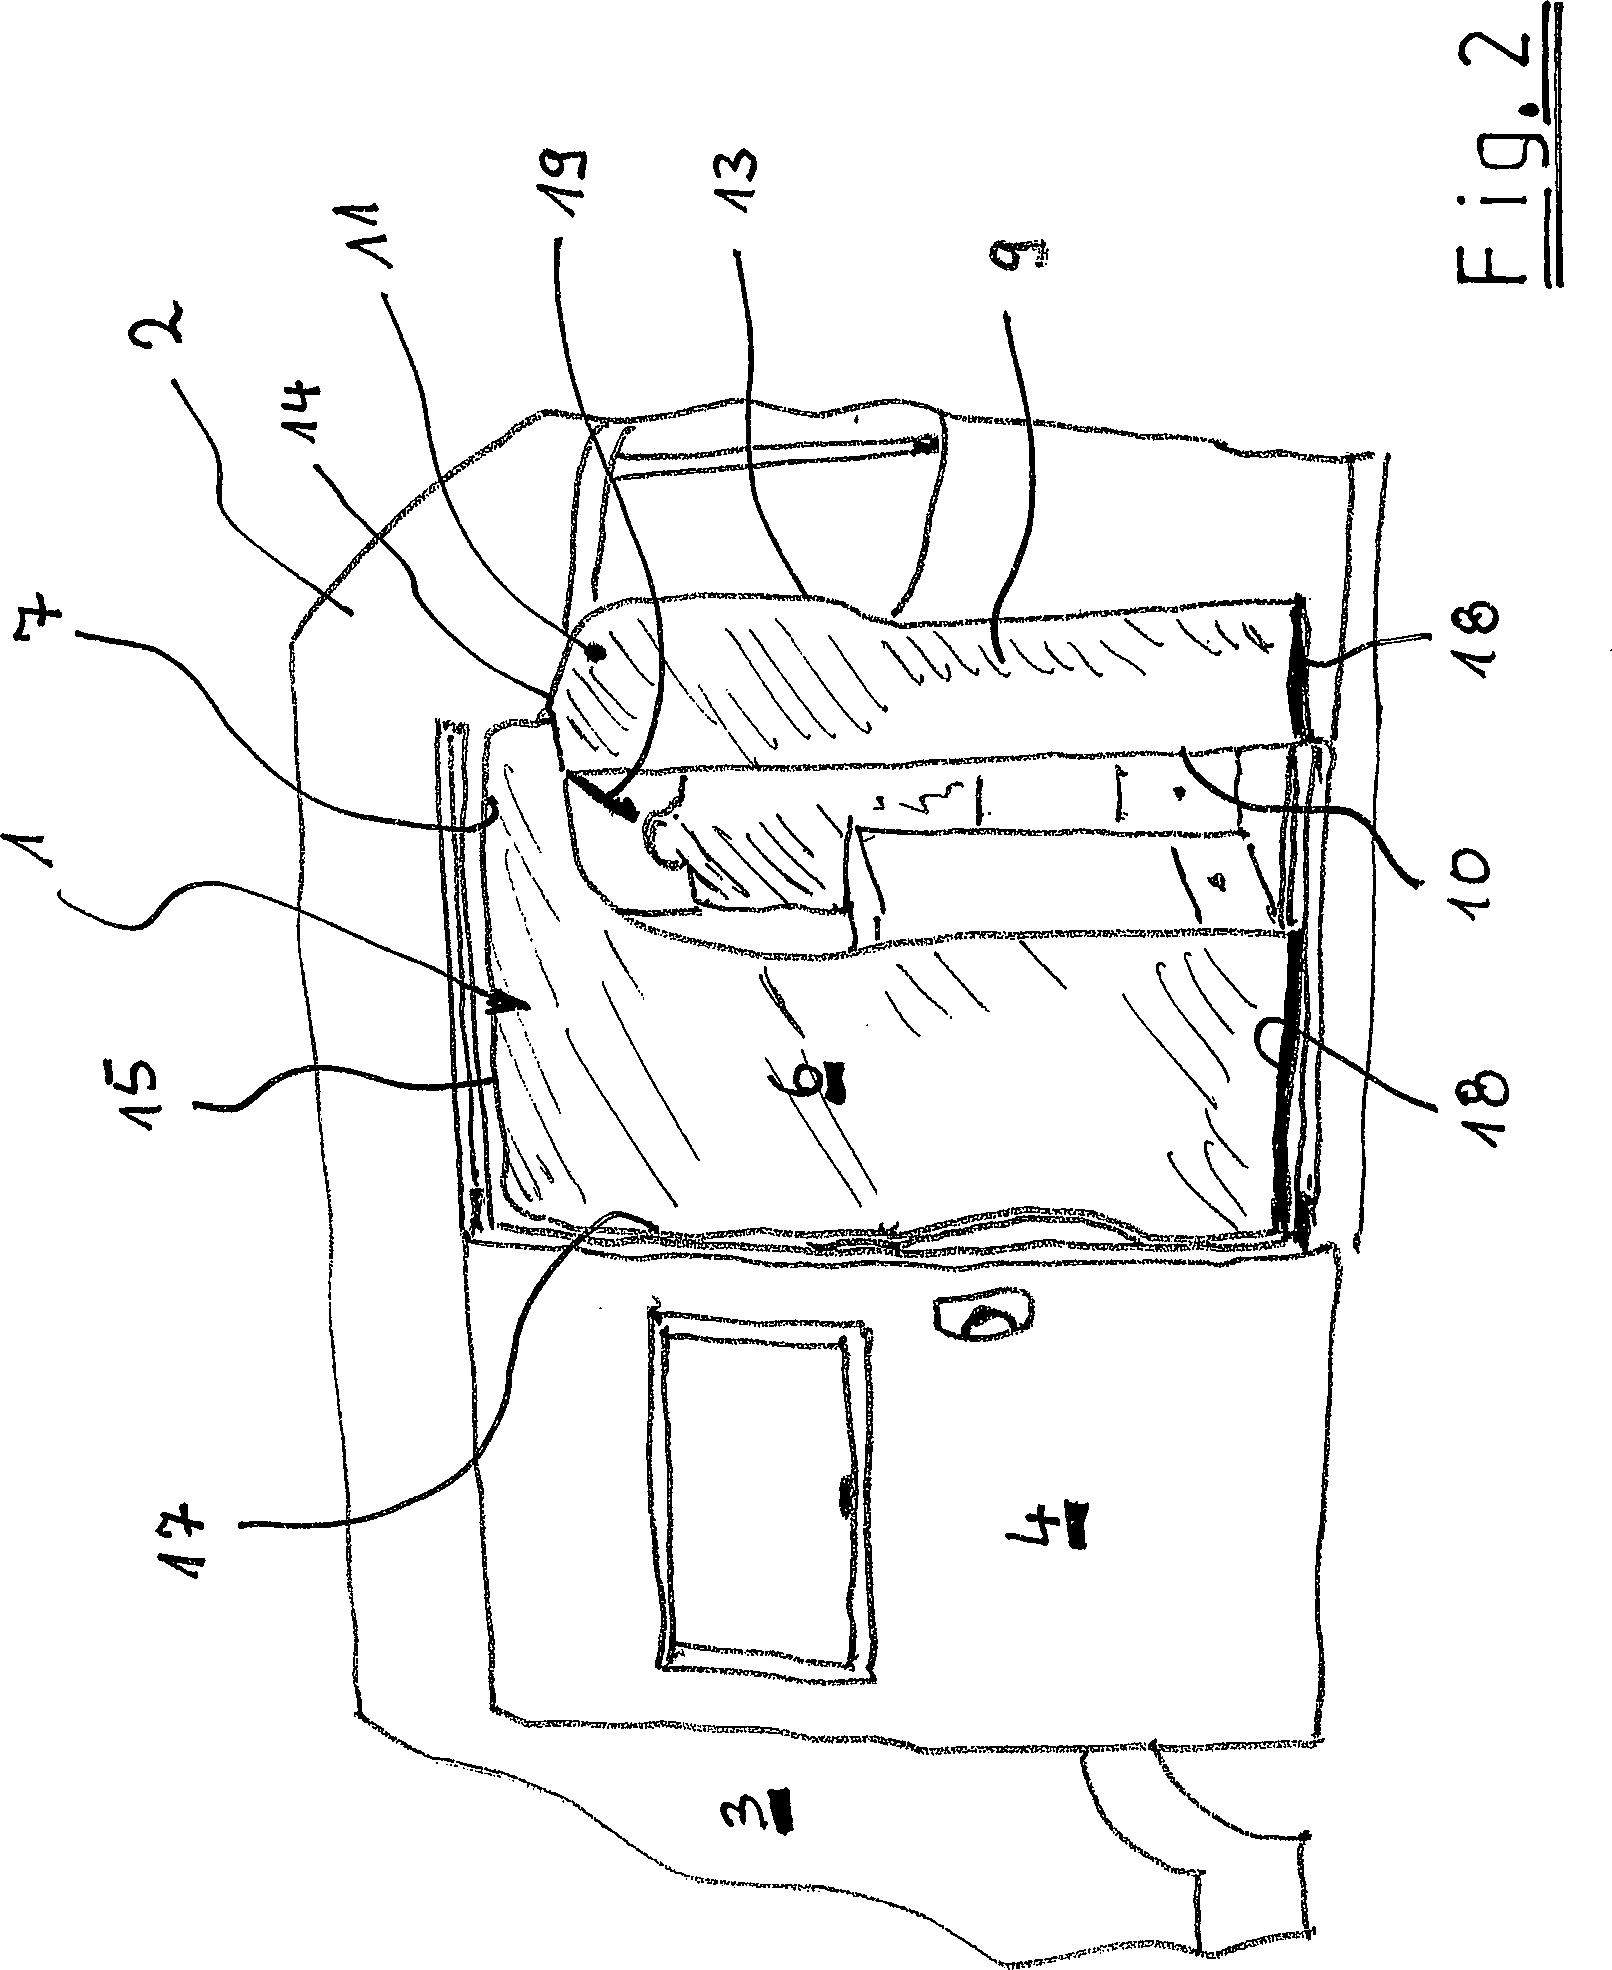 patent de202012102271u1 insektenschutz f r ein wohnmobil insbesondere f r einen als. Black Bedroom Furniture Sets. Home Design Ideas